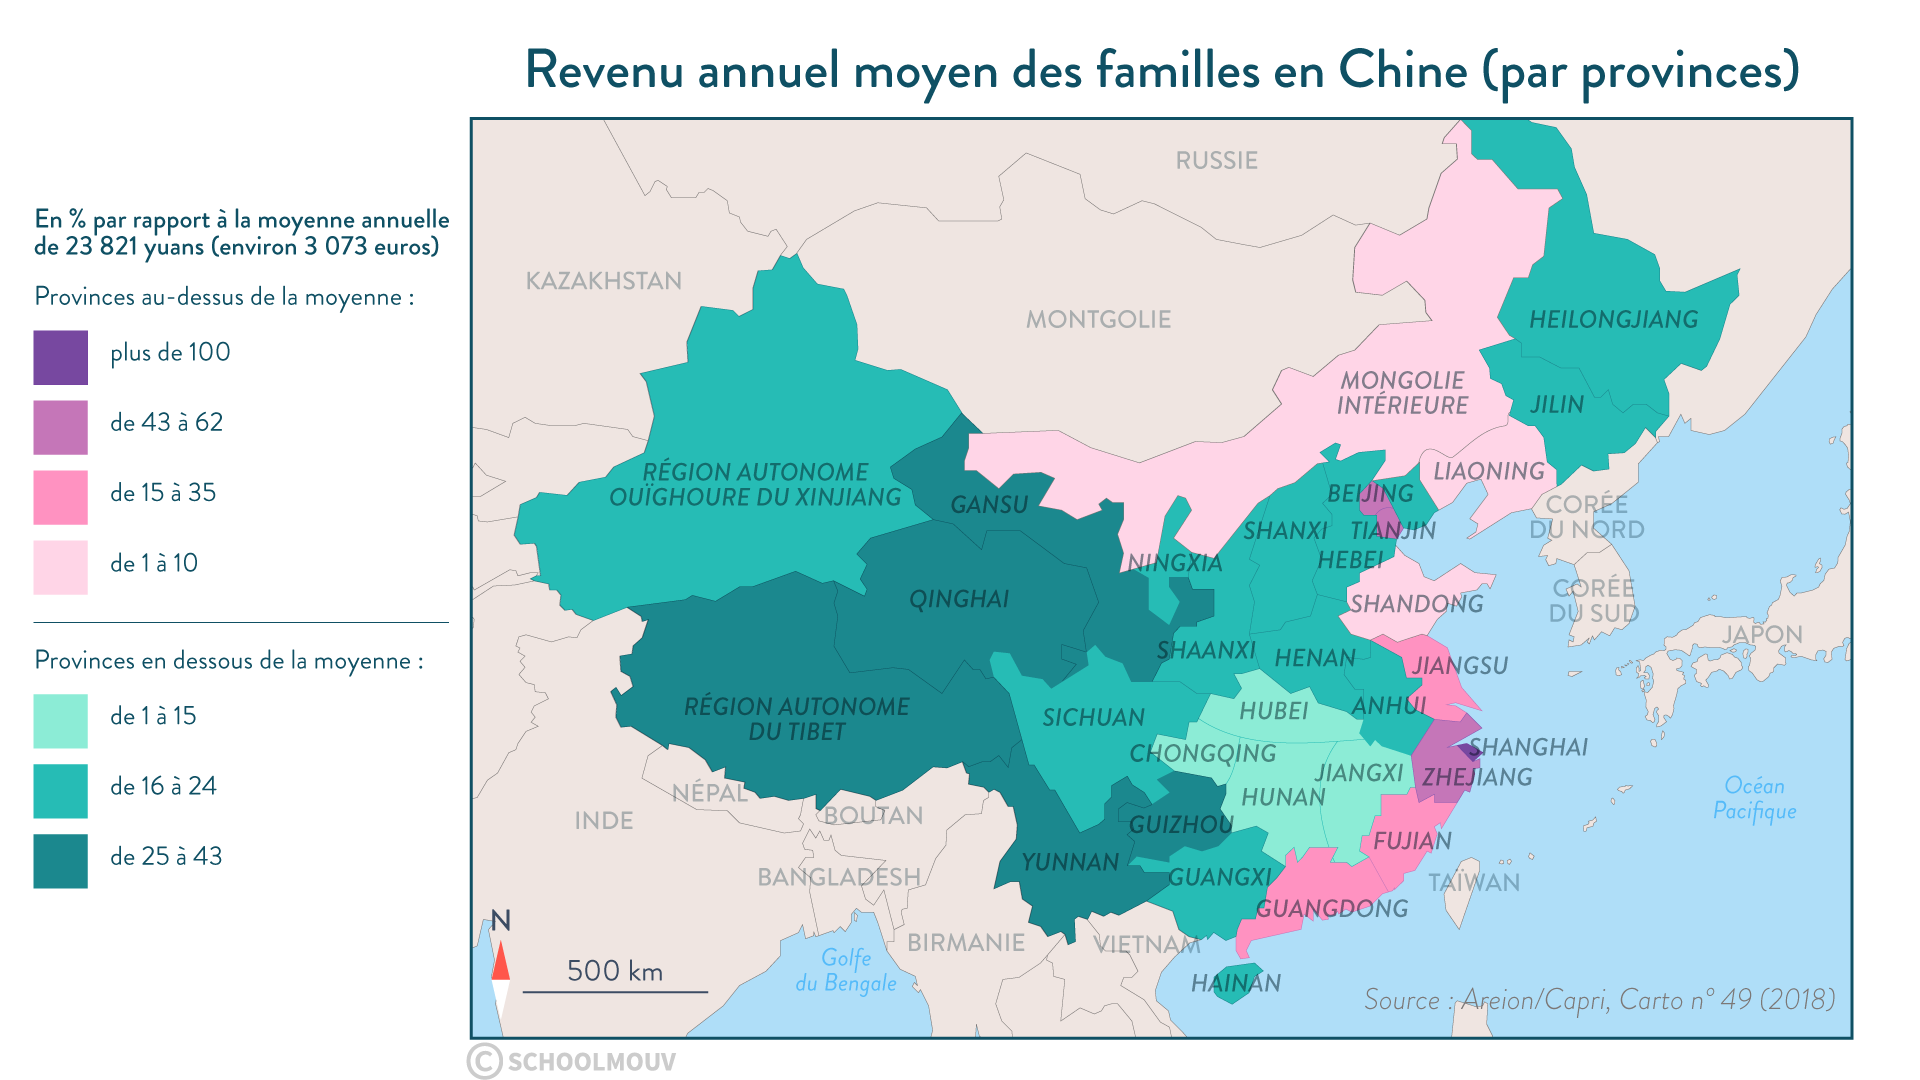 Revenu annuel moyen des familles en Chine (par province) - Géographie - 1re - SchoolMouv